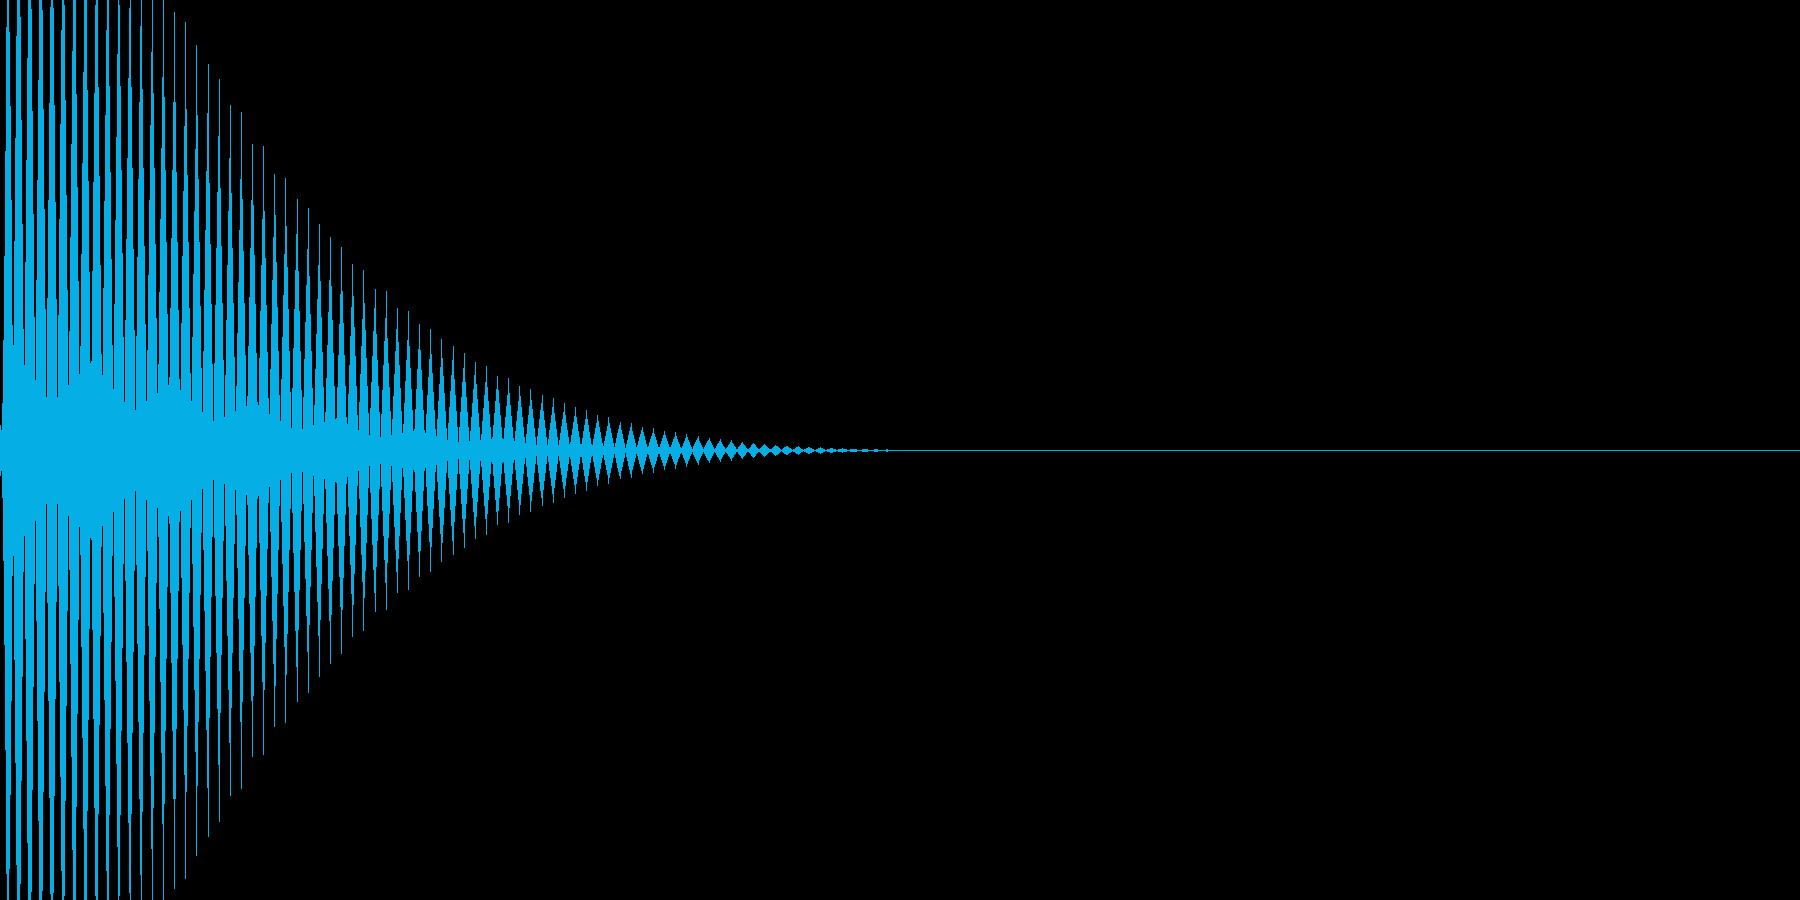 ボタン・カーソル・操作音 「ピーン」の再生済みの波形